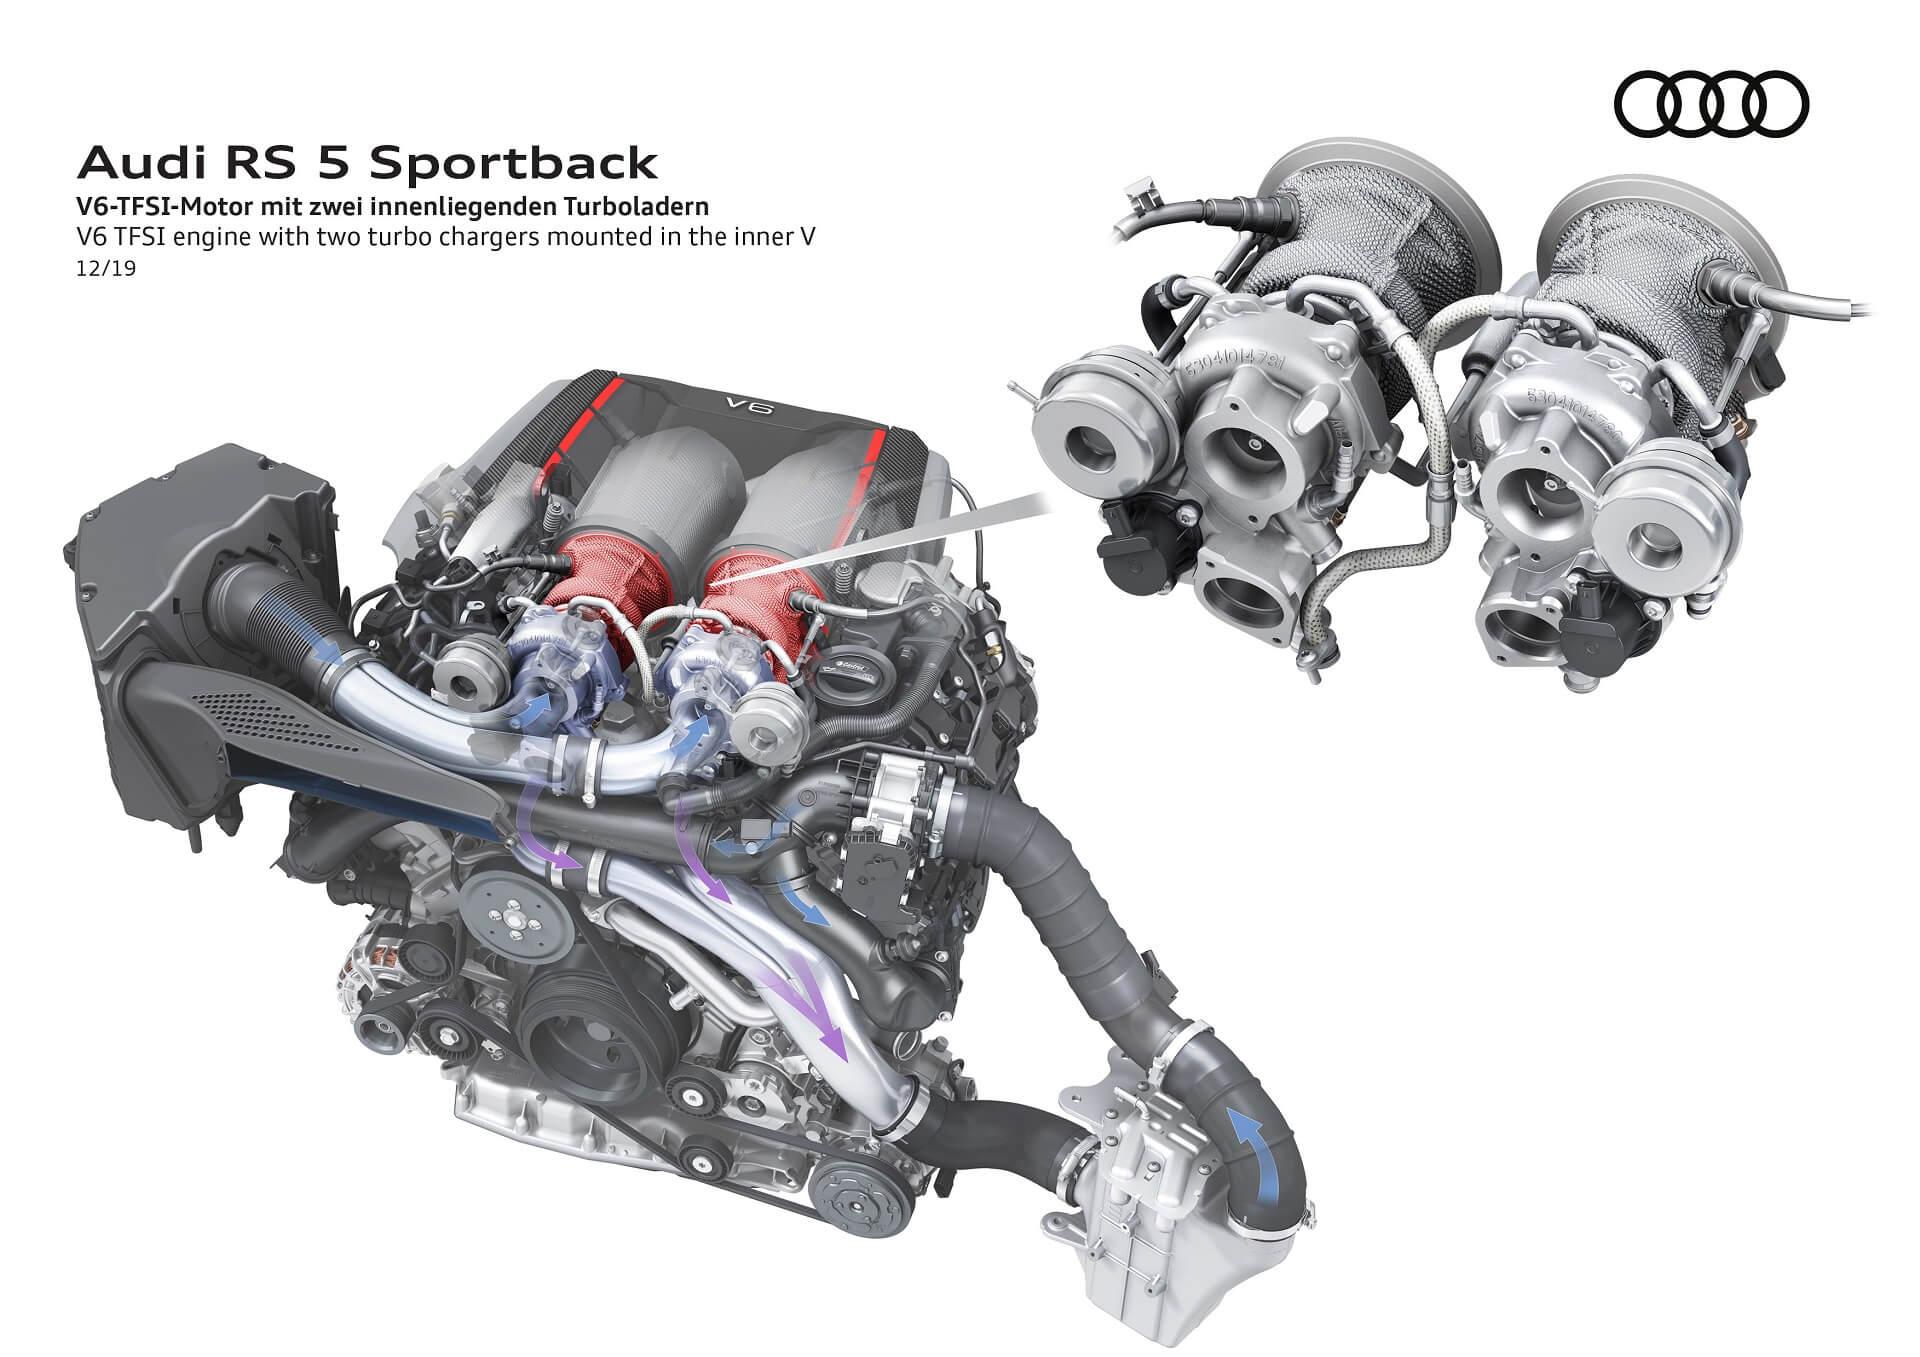 Νέο Audi RS 5 - Κινητήρας V6 TFSI